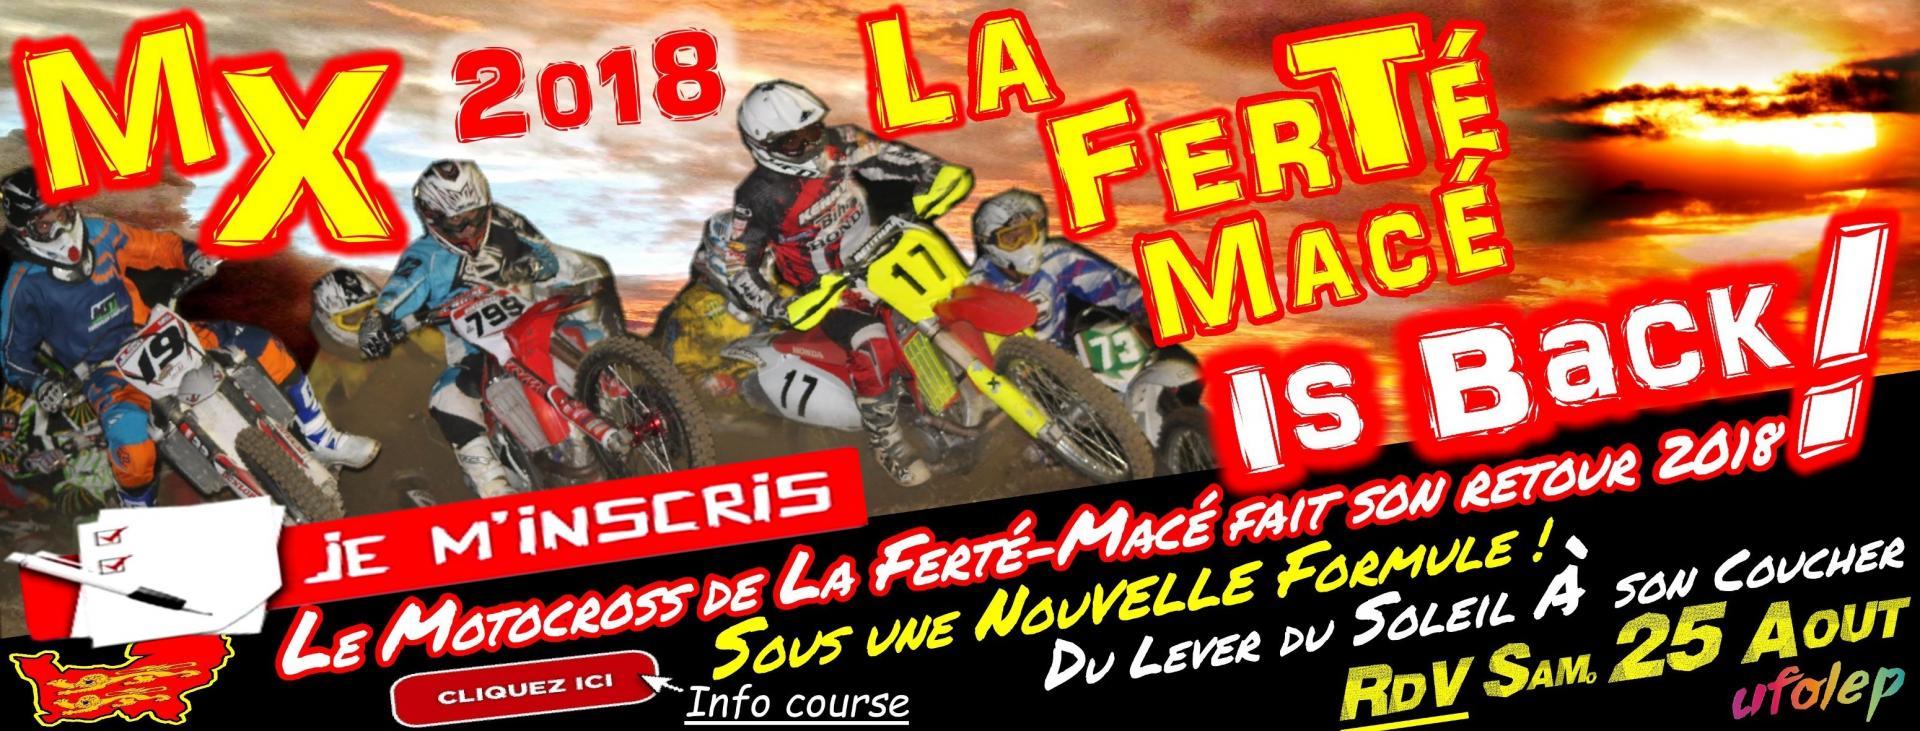 INSCRIPTION Motocross La Ferté-Macé / Télécharger l' ENGAGEMENT pour y participer !